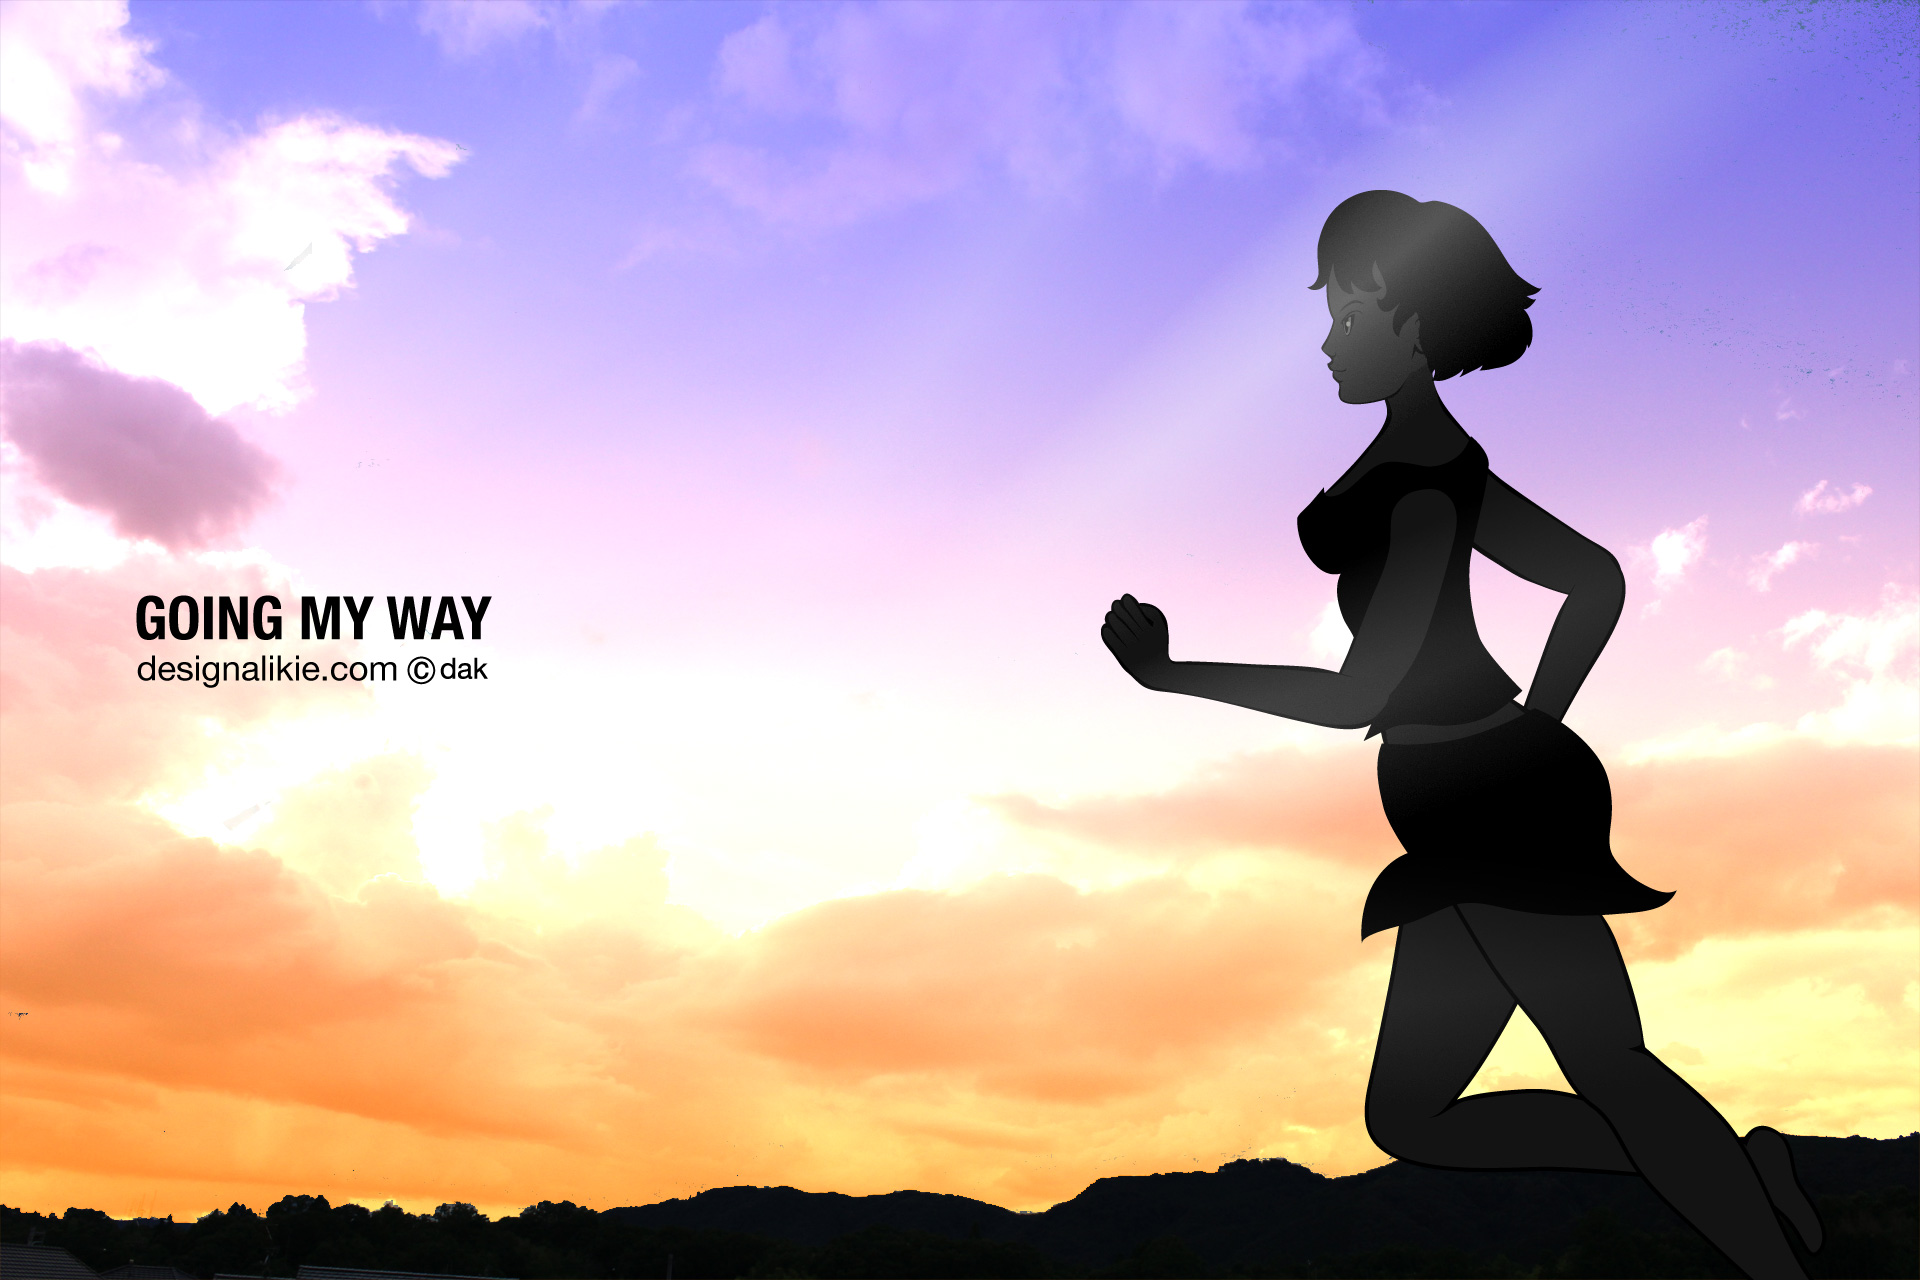 running in the sunset wallpaperi½œfree desktop wallpaper backgrounds